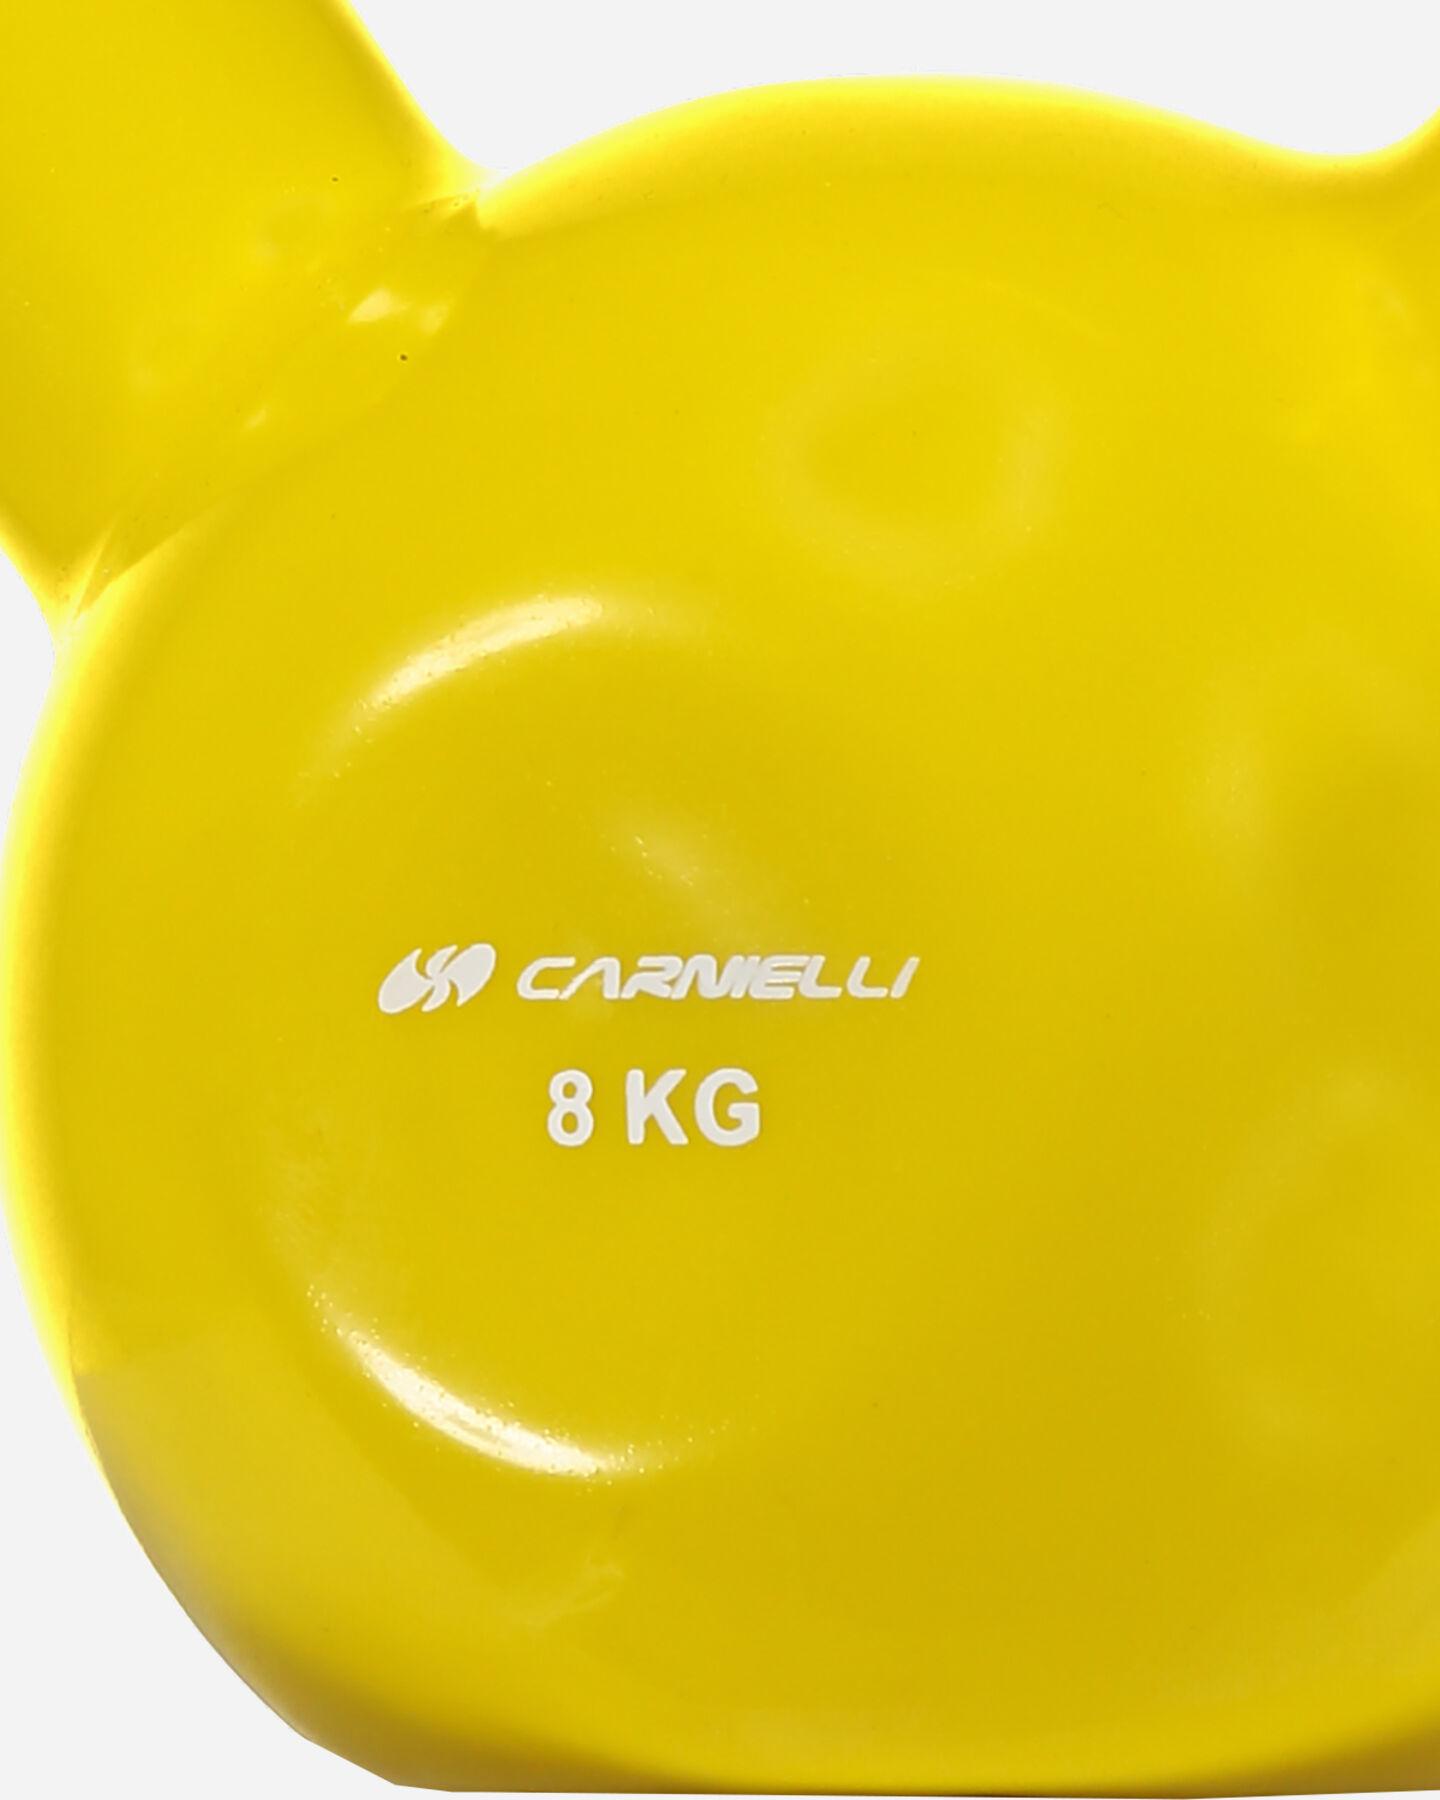 Manubrio CARNIELLI KETTLEBELL 8 KG S1194266|1|UNI scatto 1